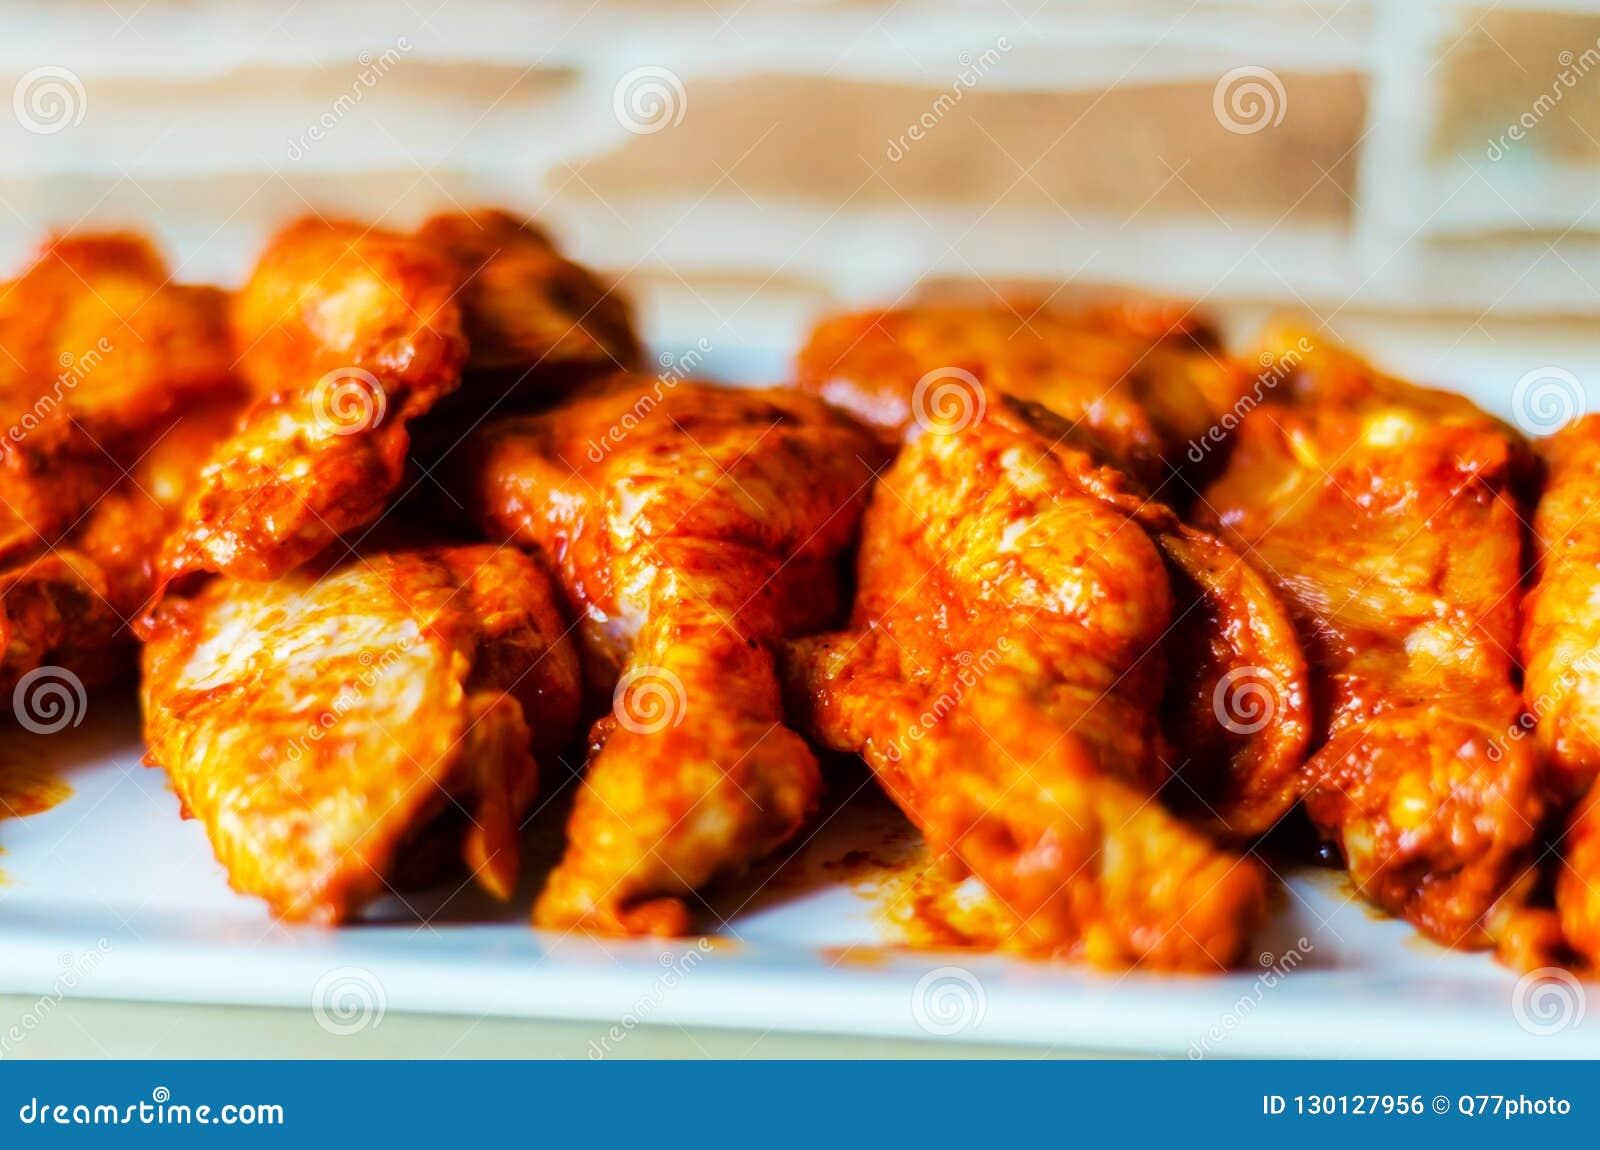 Φτερά κοτόπουλου που μαρινάρονται σε μια σάλτσα σχαρών, ένας χαρακτηριστικός Αμερικανός